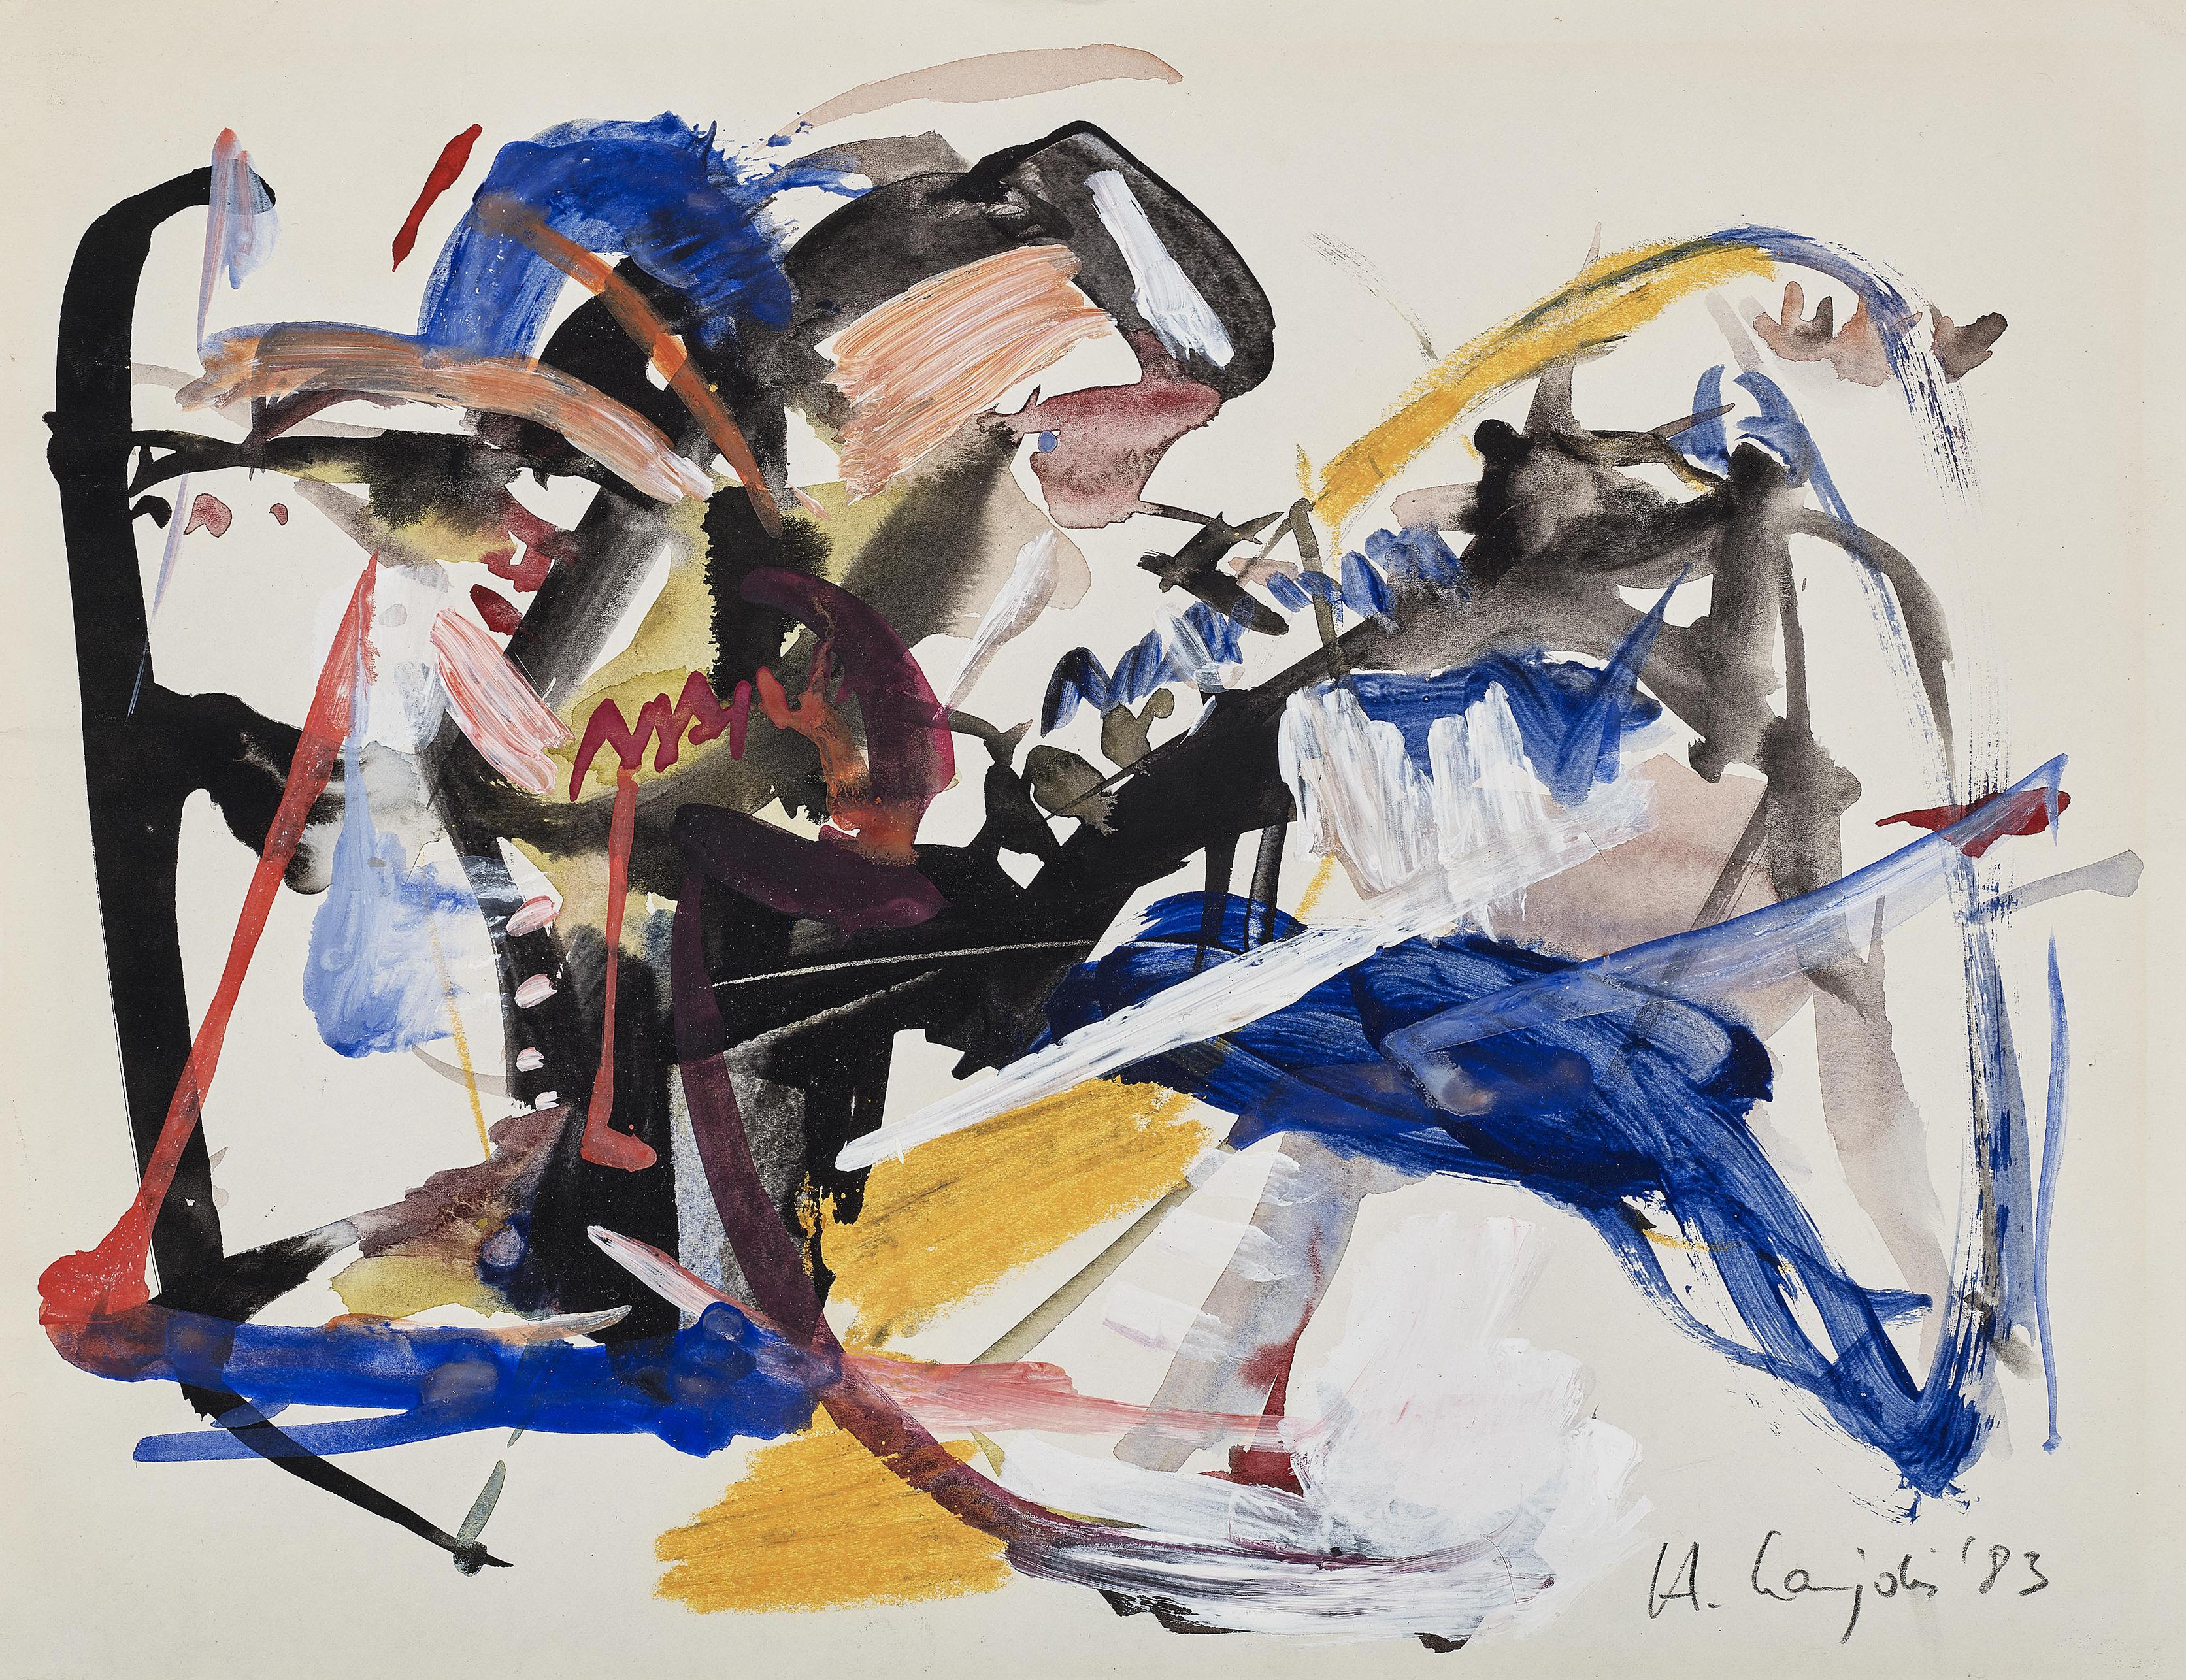 Heino Naujoks - Ohne Titel (Untitled)-1983